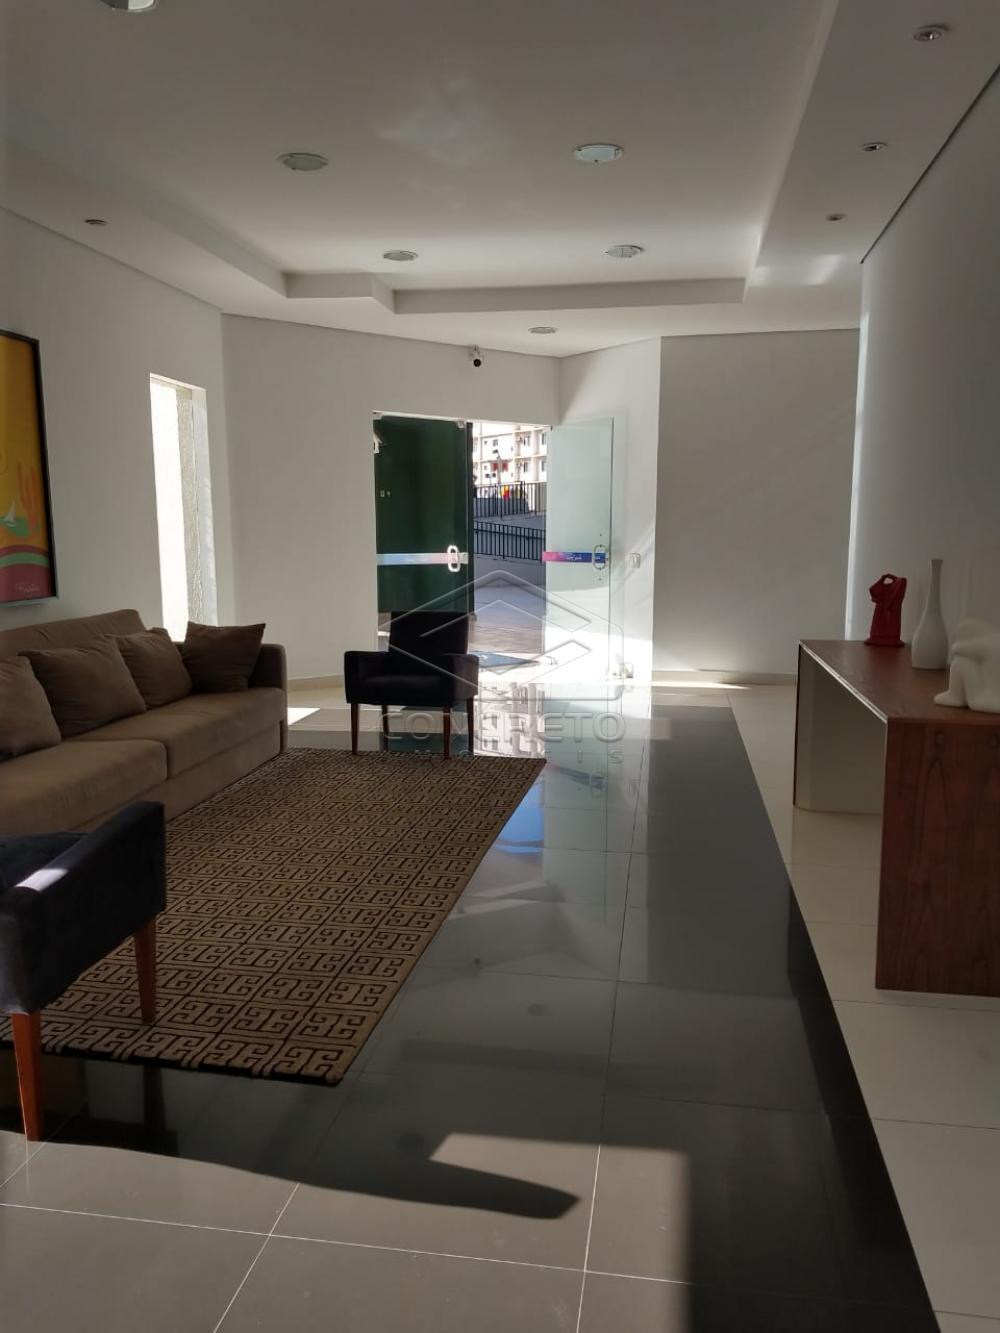 Comprar Apartamento / Padrão em Bauru R$ 340.000,00 - Foto 19